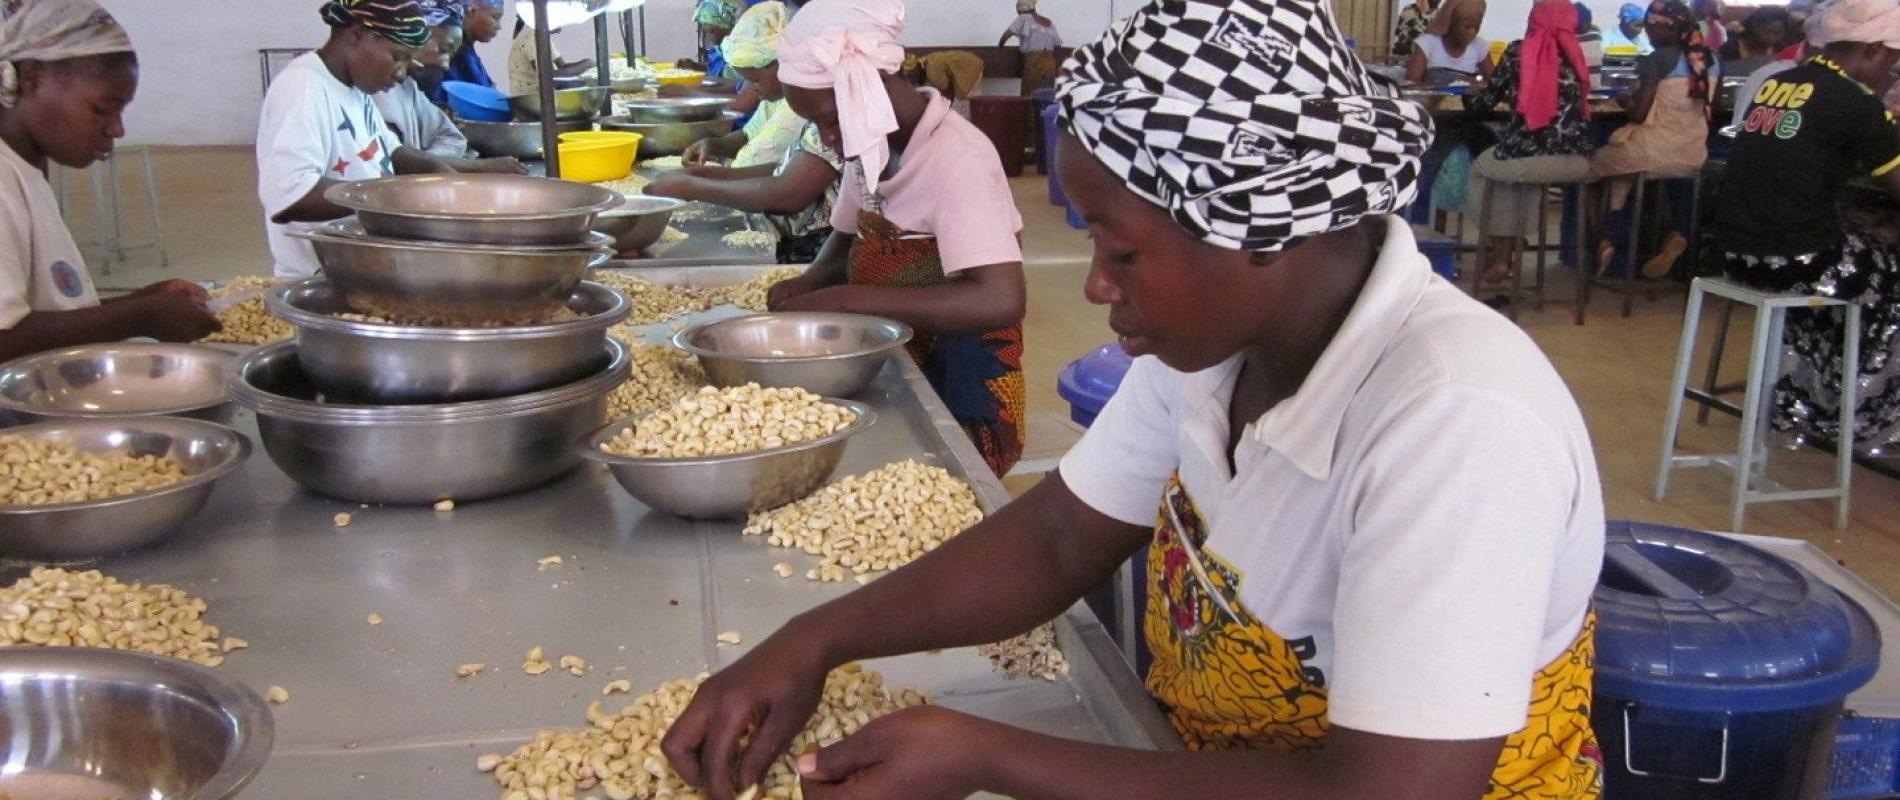 Na de kwaliteitscontrole worden de cashews gepeld.